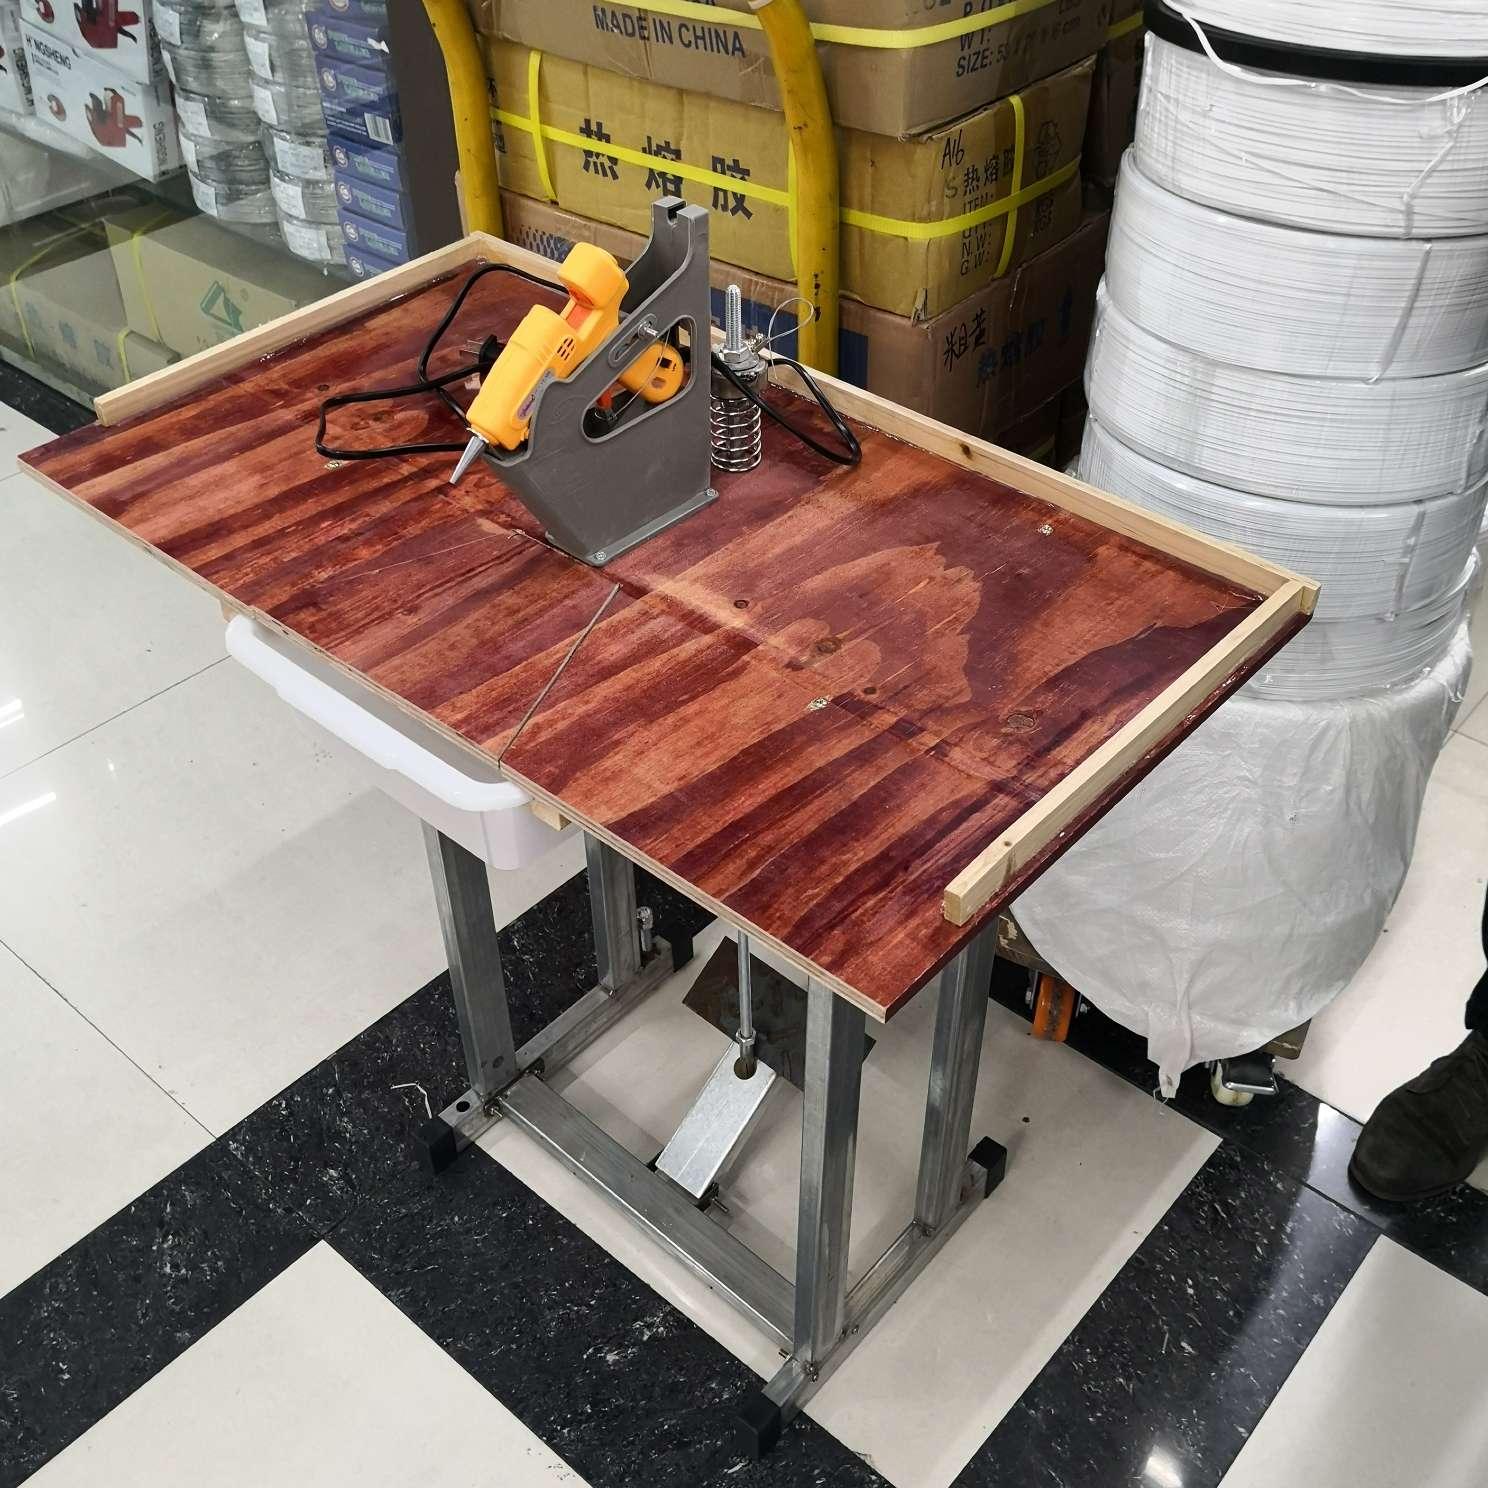 包邮热熔胶枪胶棒操作台工作台胶枪架脚踏式解放双手省时省力省心 操作方便有效提高工作效率经久耐用保修